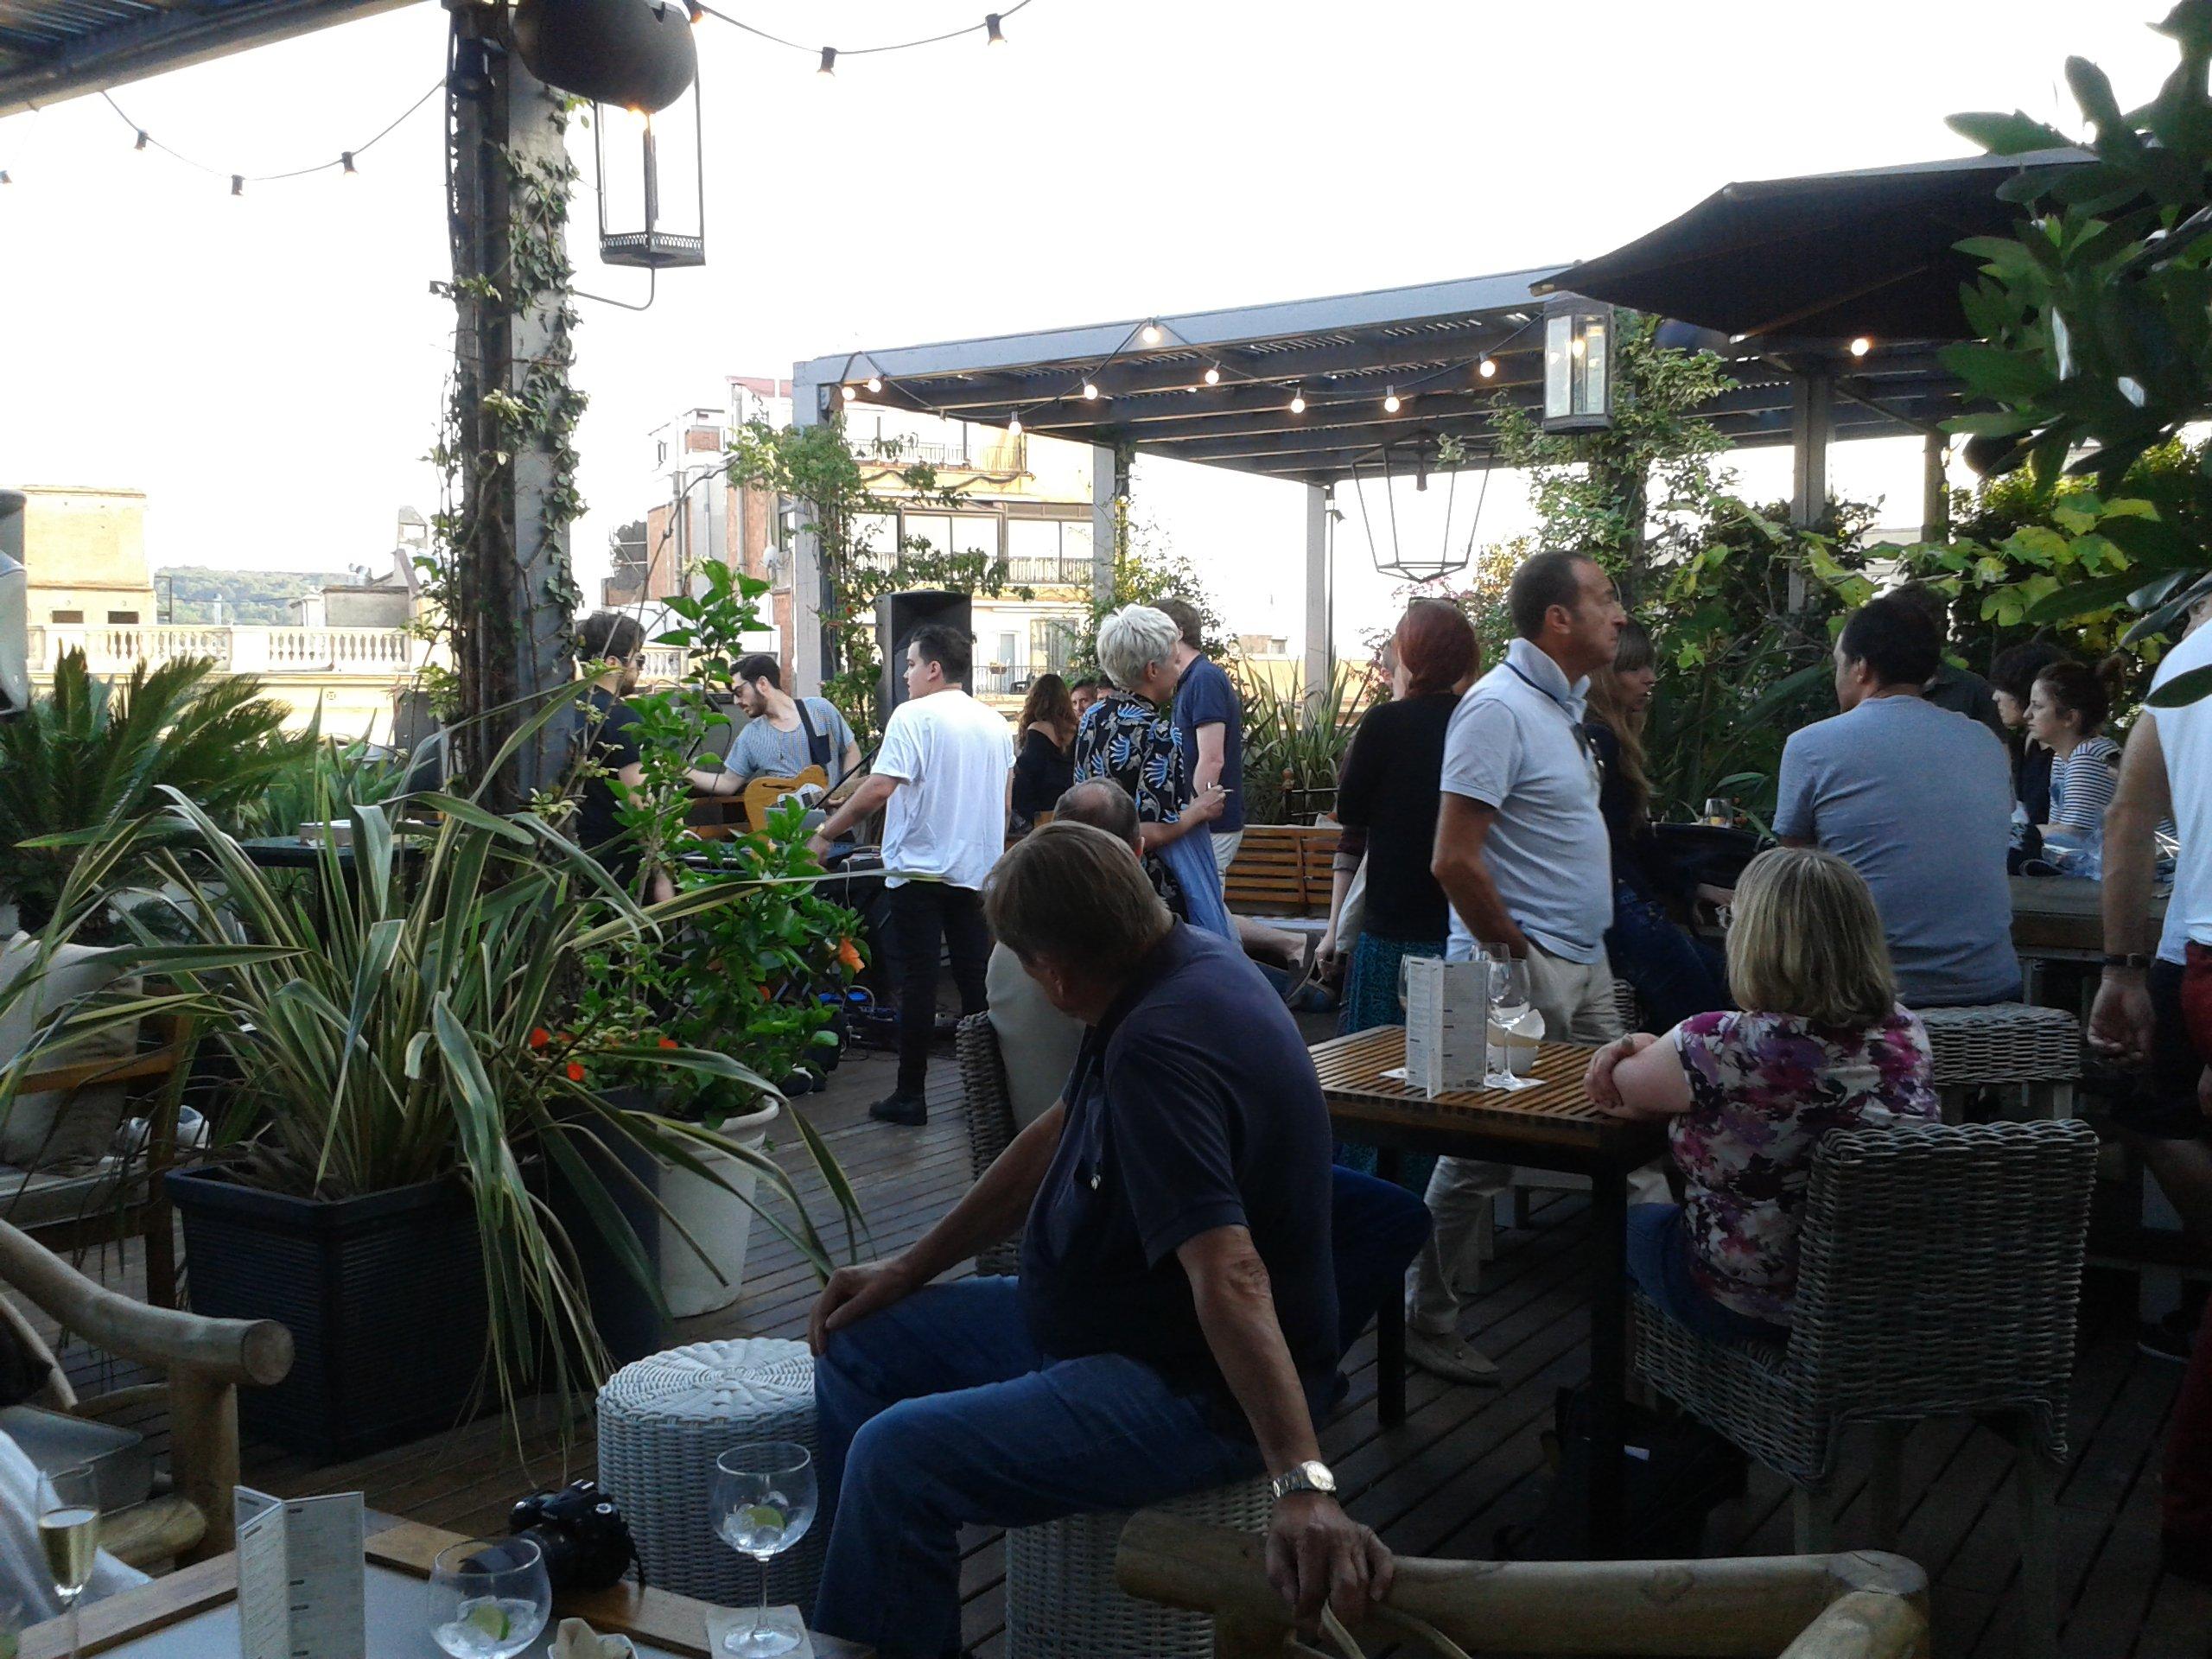 Barcellona dall 39 alto i migliori view point flo 39 in viaggio for Migliori hotel barcellona